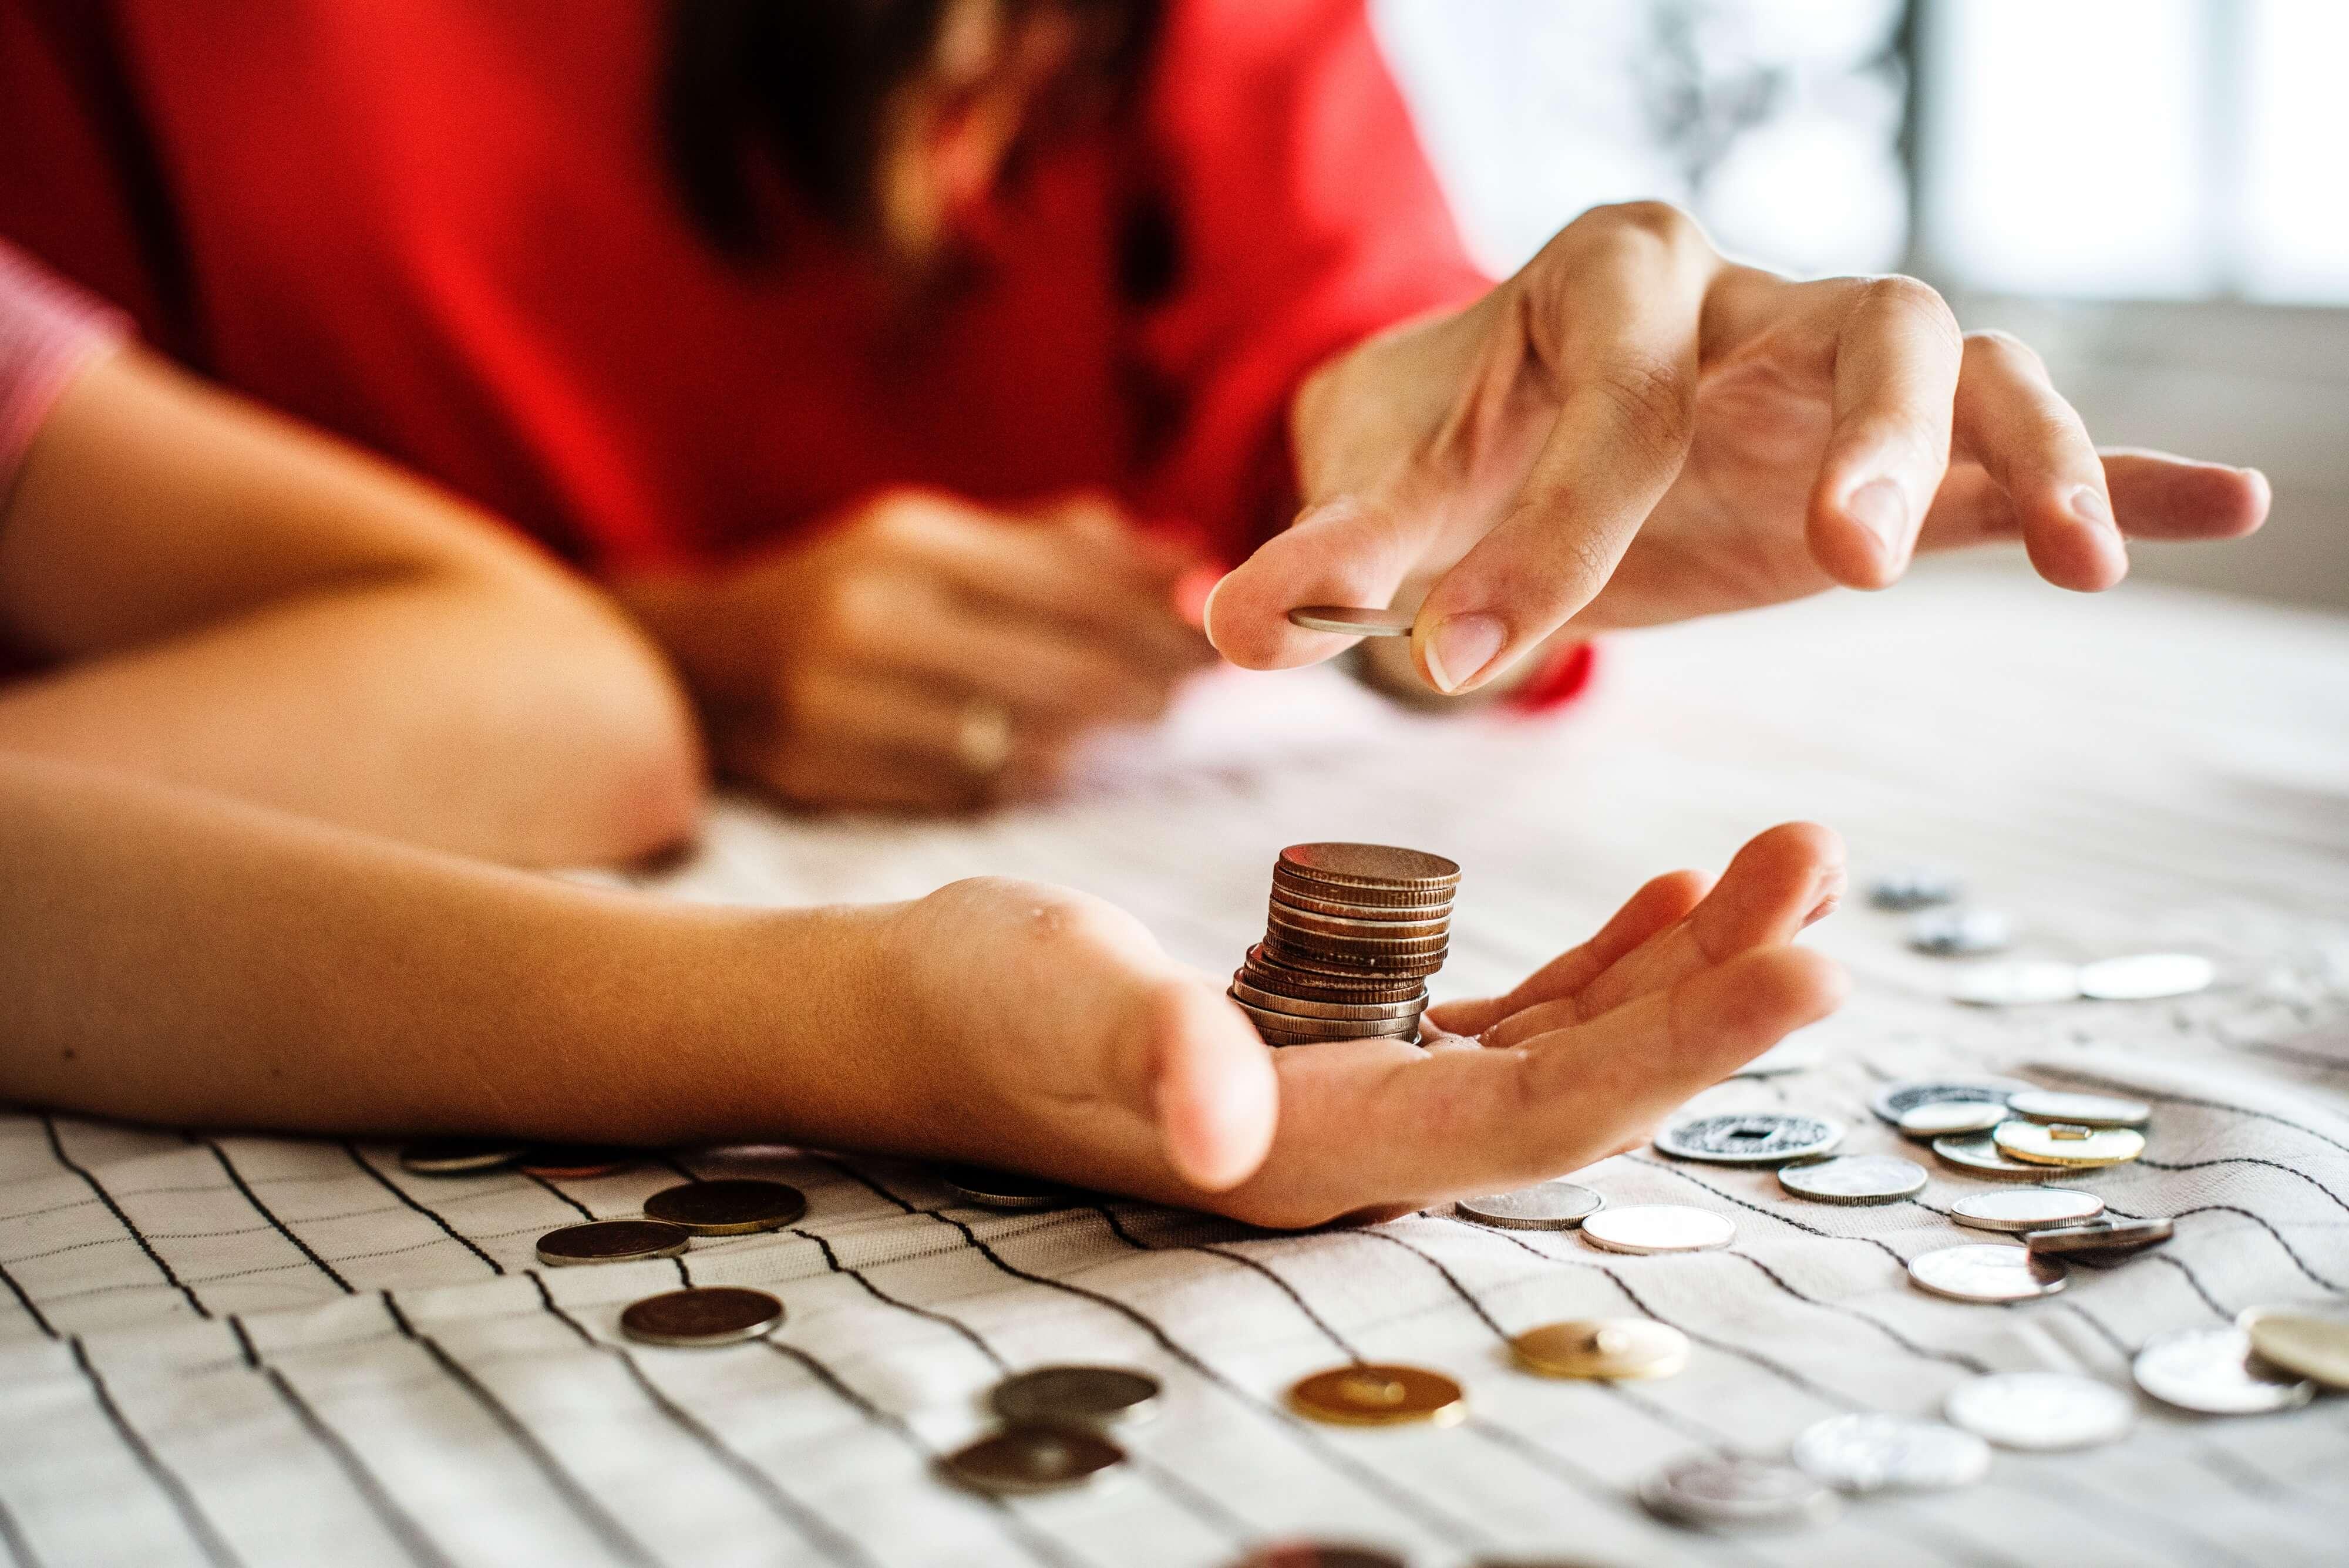 So bringst du deinen Kindern den Umgang mit Geld bei